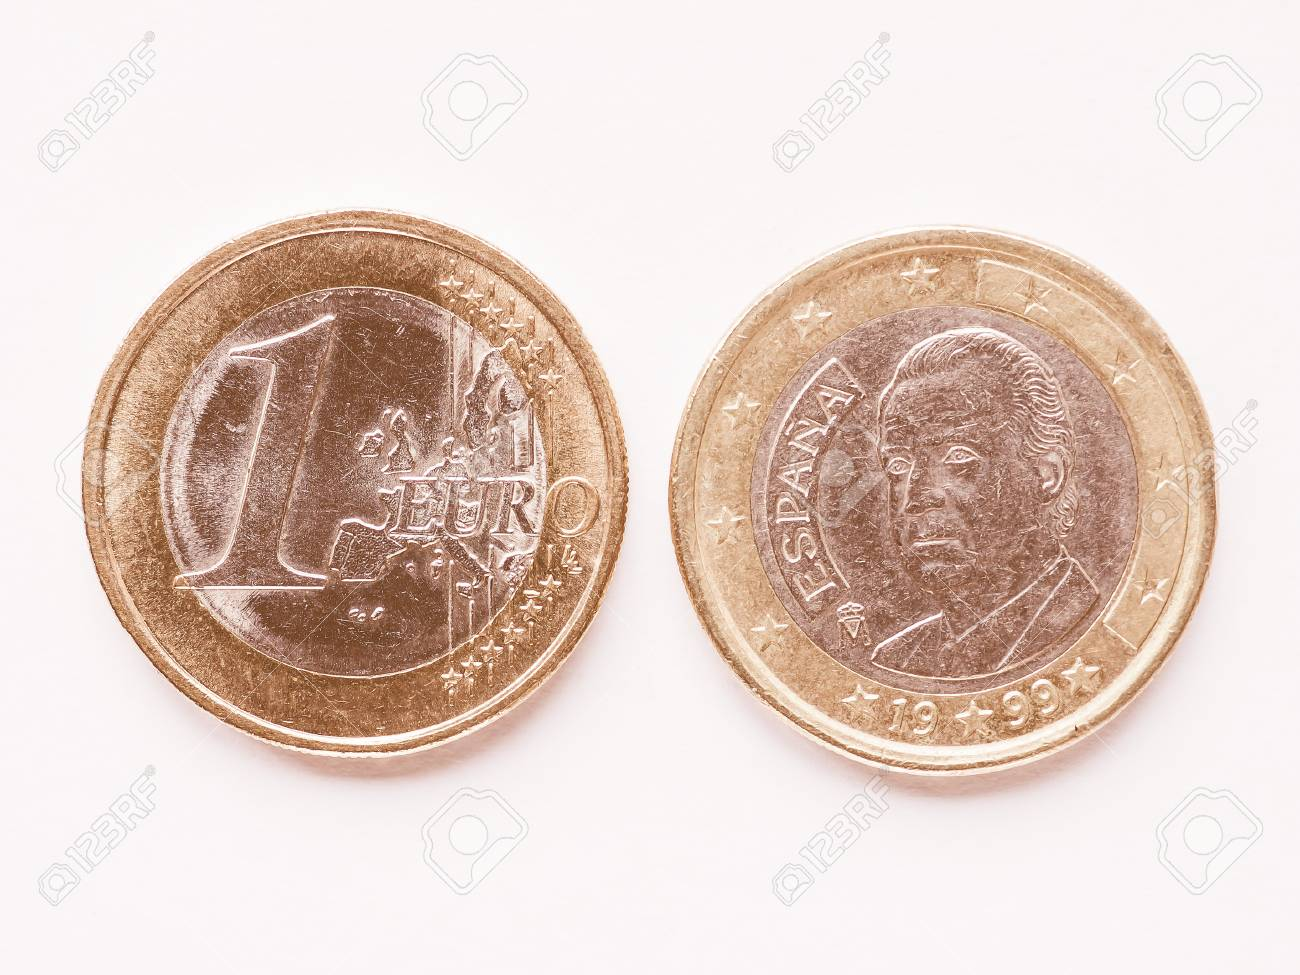 Währung Der Europe 1 Euro Münze Aus Spanien Jahrgang Lizenzfreie